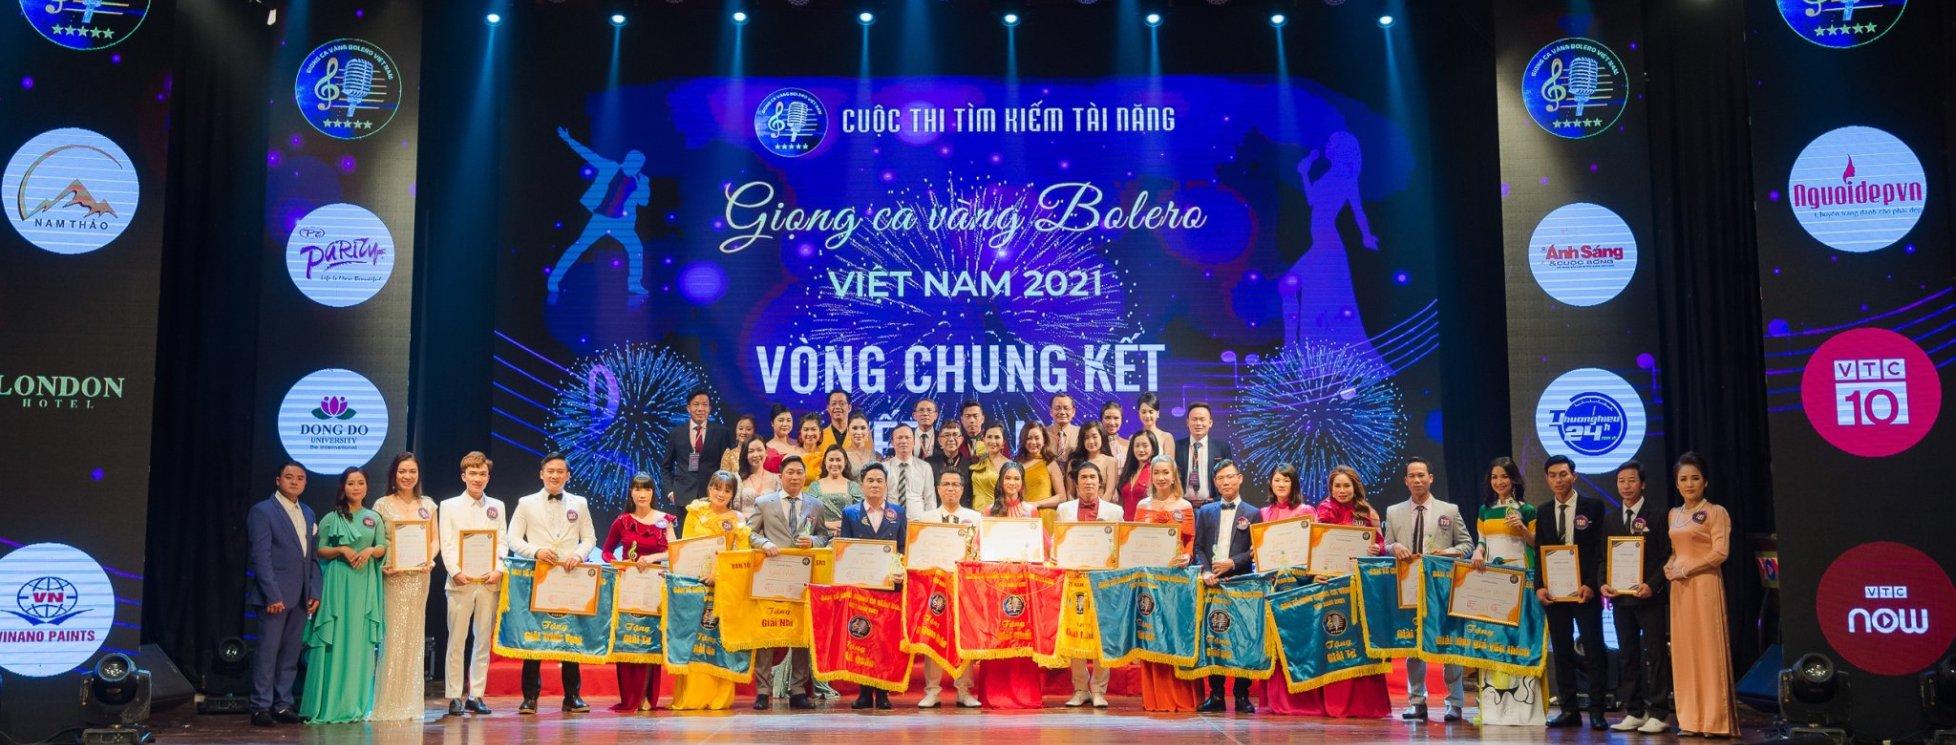 Lễ giới thiệu Kim Long City - Khu E - Liên Chiểu - Đà Nẵng